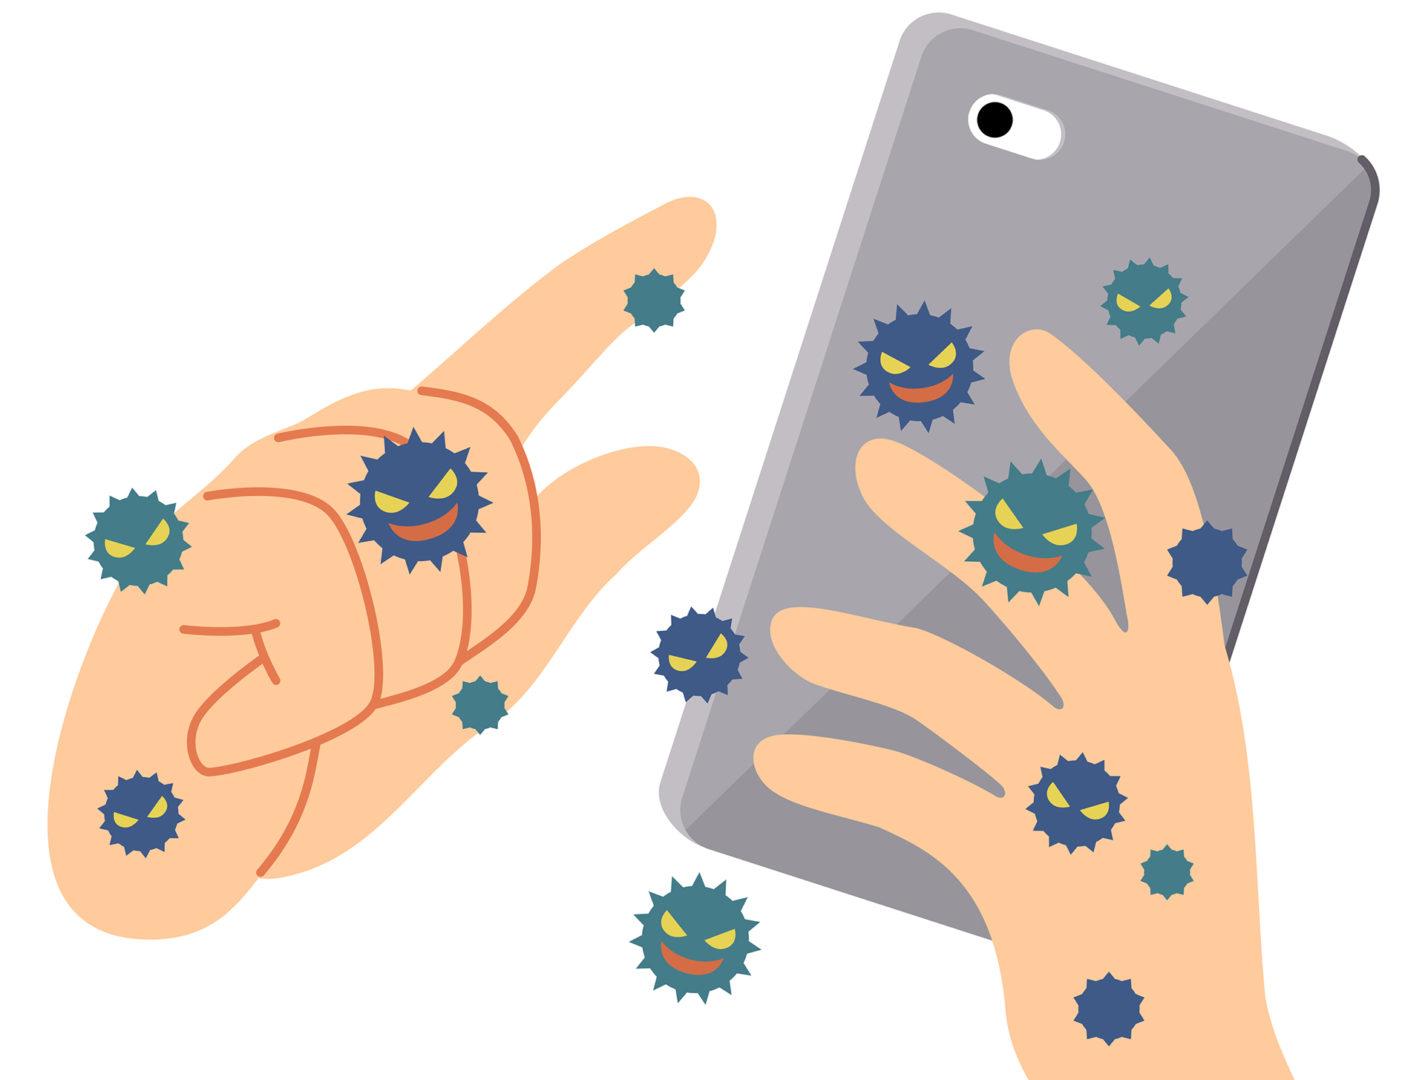 Puhelimen voi puhdistaa myös mikrokuituliinalla, jota kannattaa käyttää mukana.